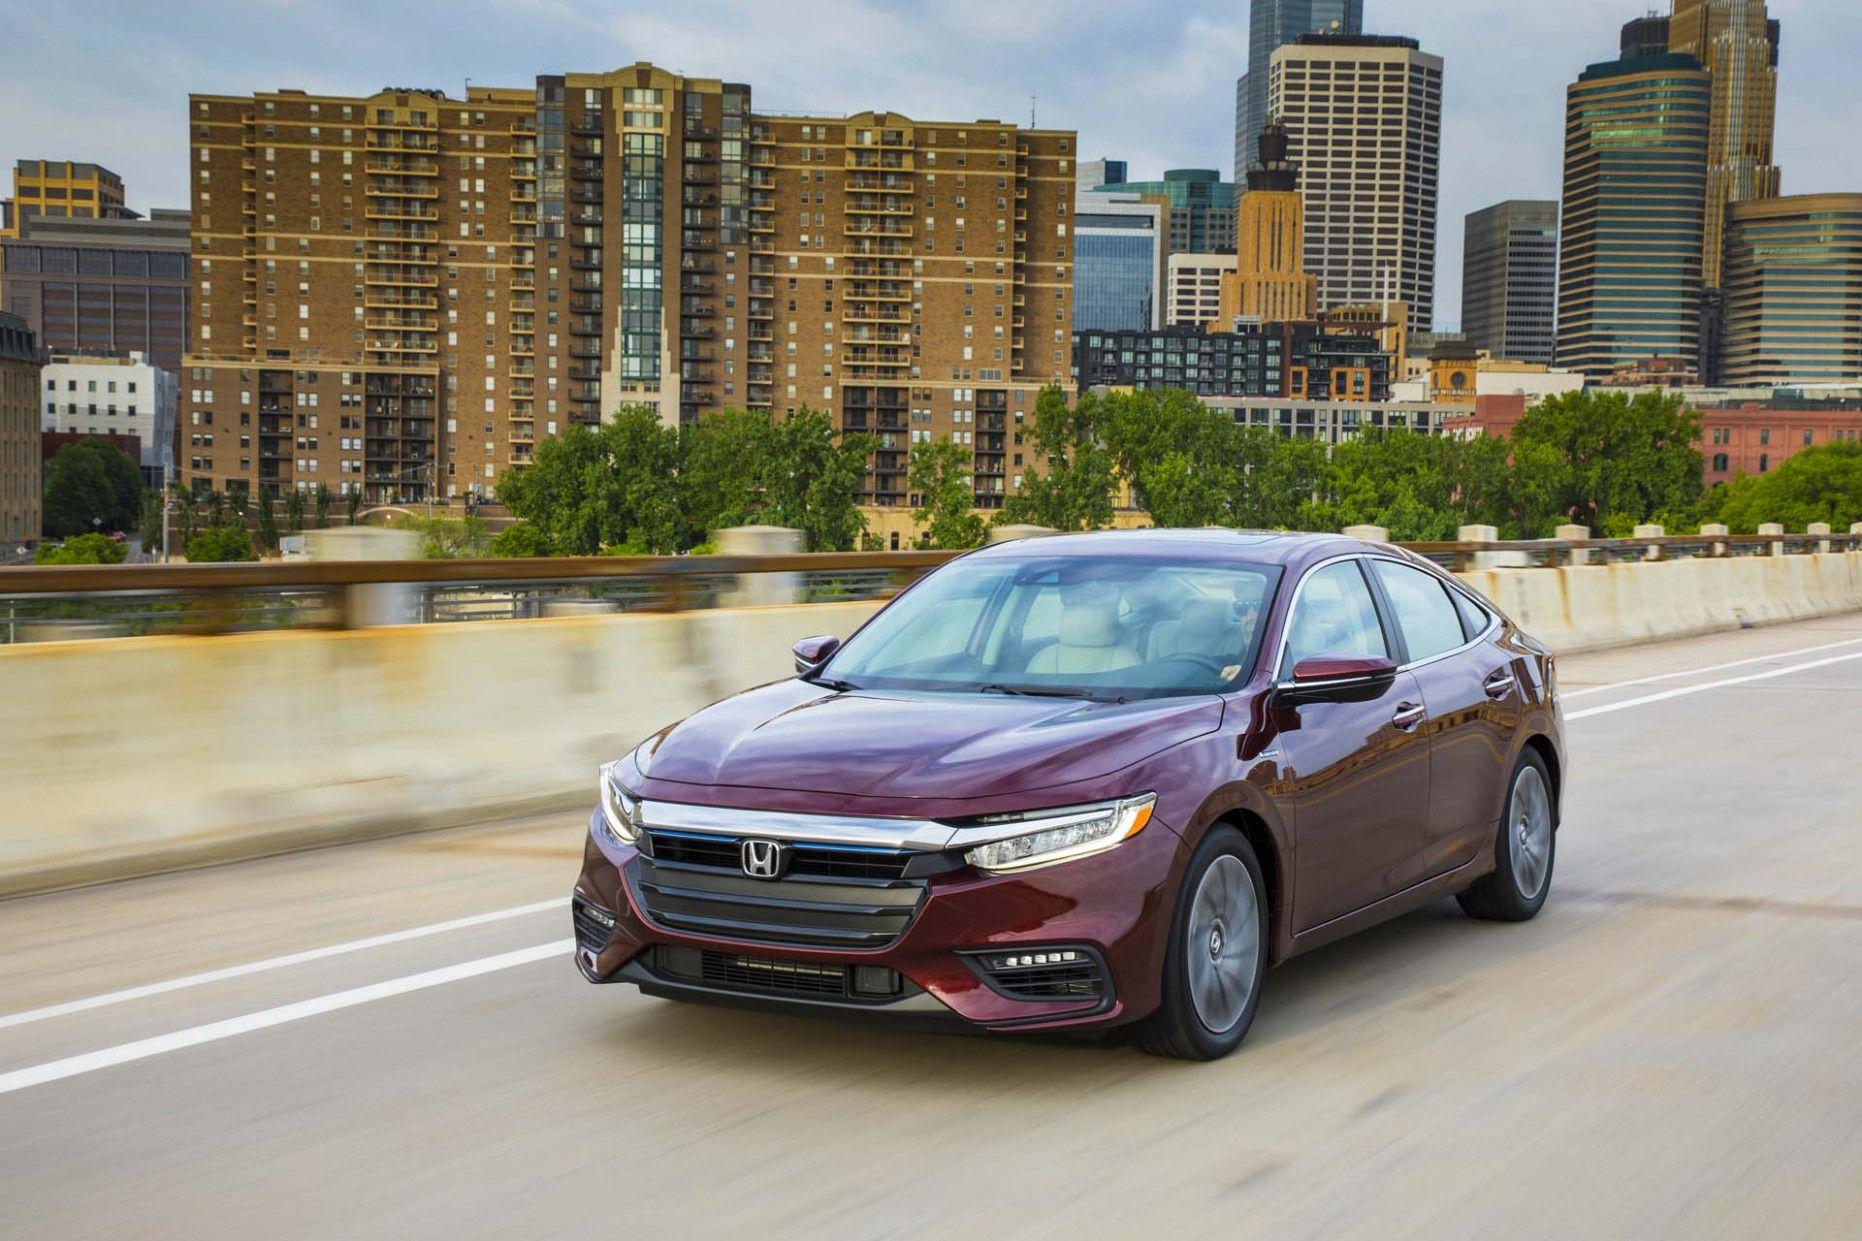 Honda Insight 2020 Review Review